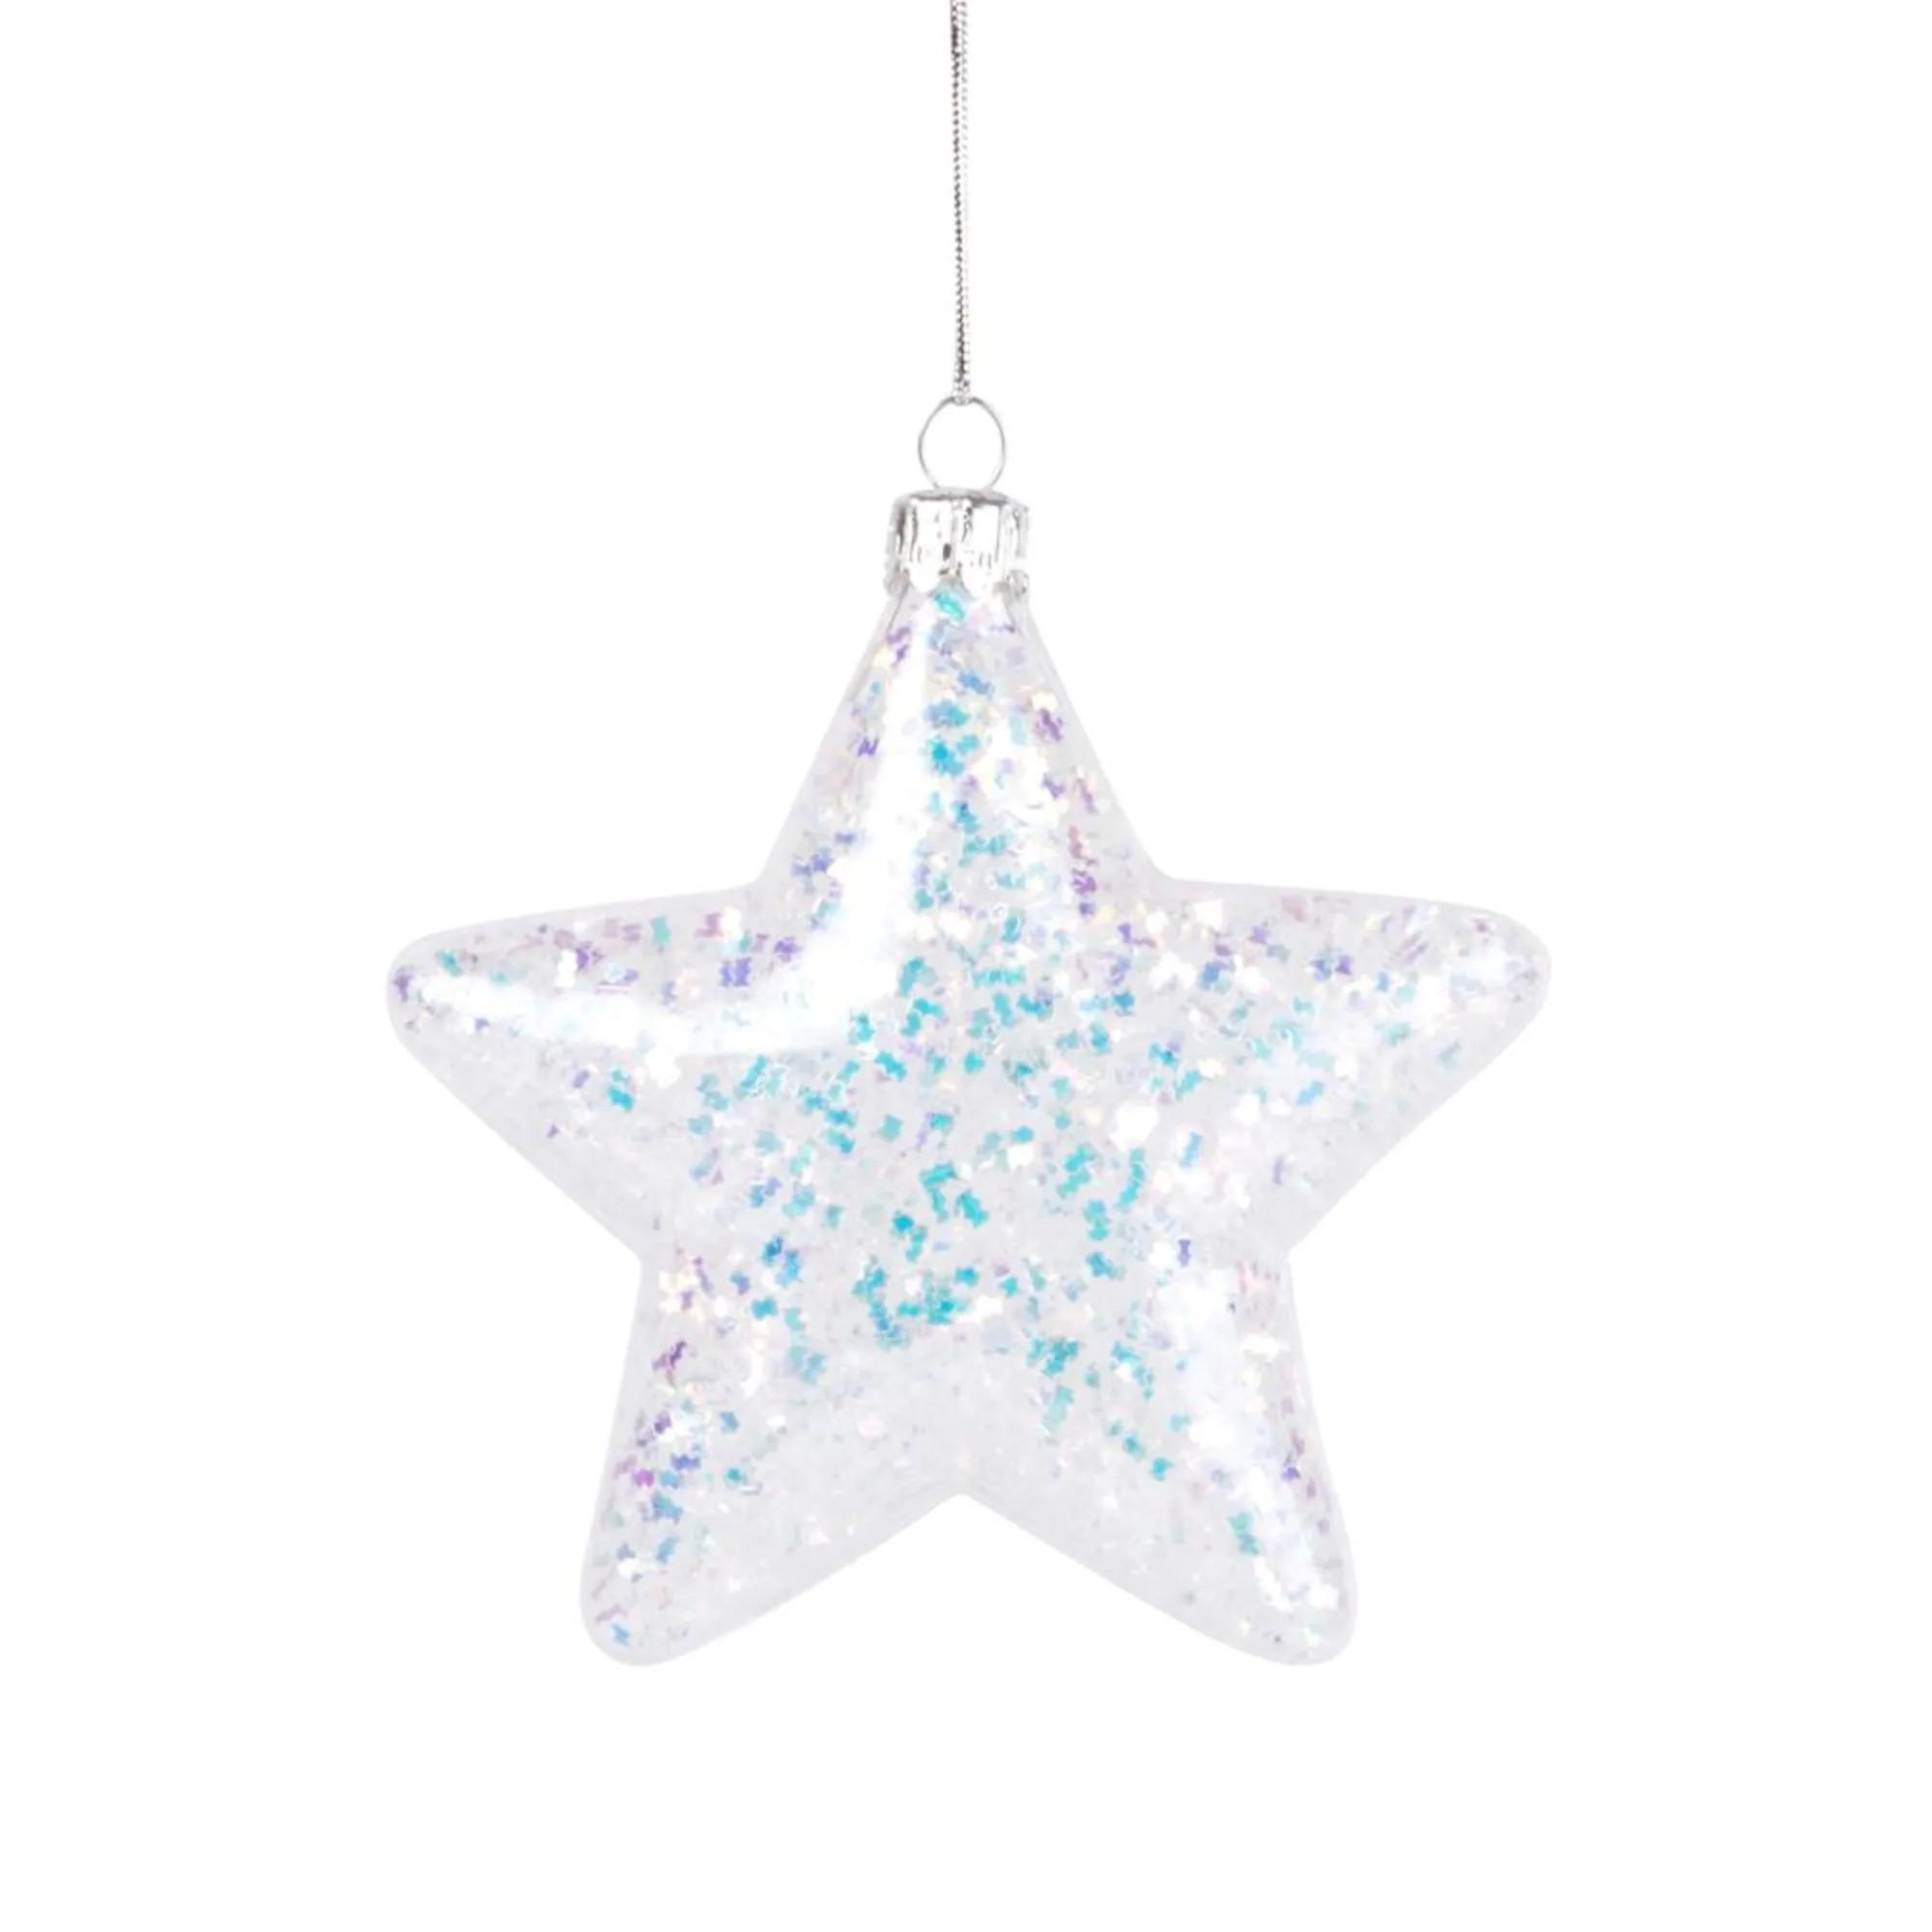 ECLAT - Adorno de Navidad de cristal con purpurina irisada - Lote de 12